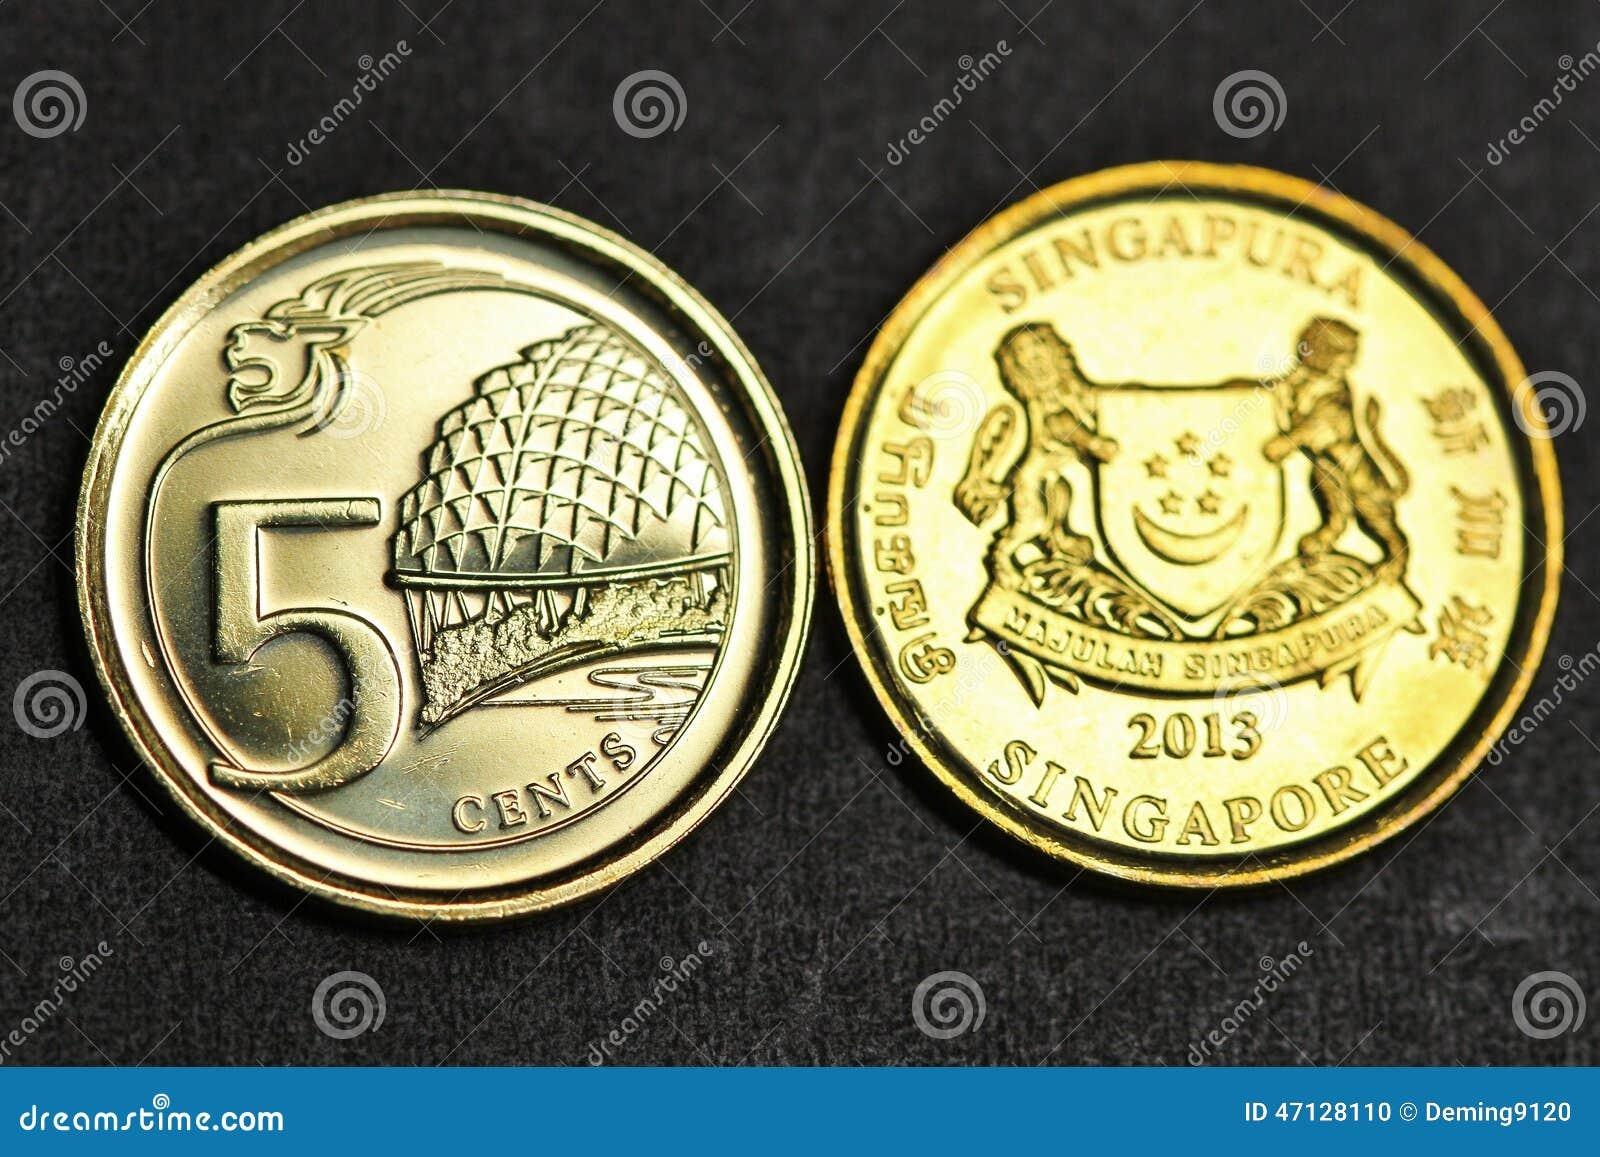 5 Cents Stockfoto Bild Von Golden Extrakt Finanzierung 47128110